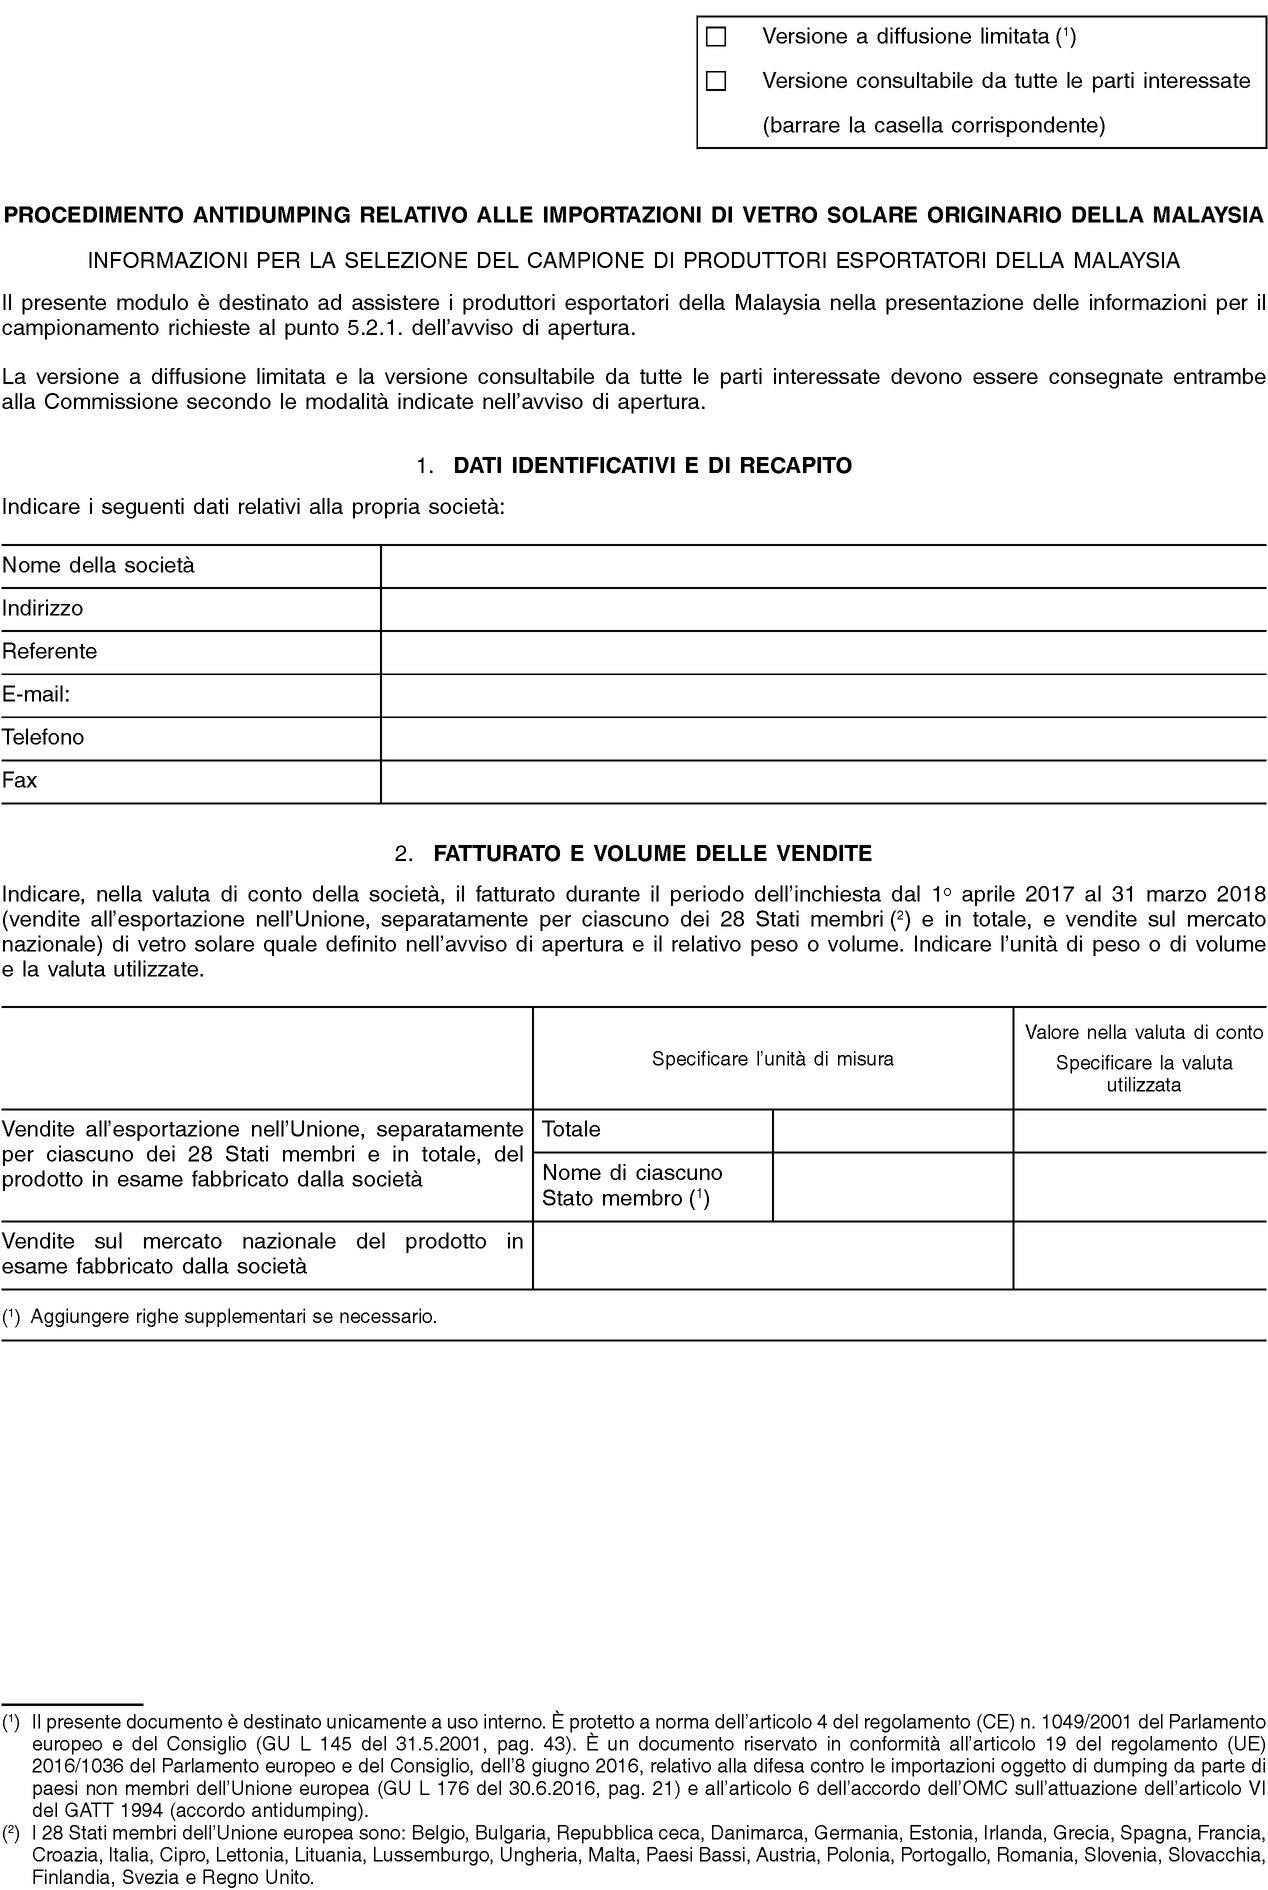 Peso Specifico Vetro.Gazzetta Ufficiale C 174 2018